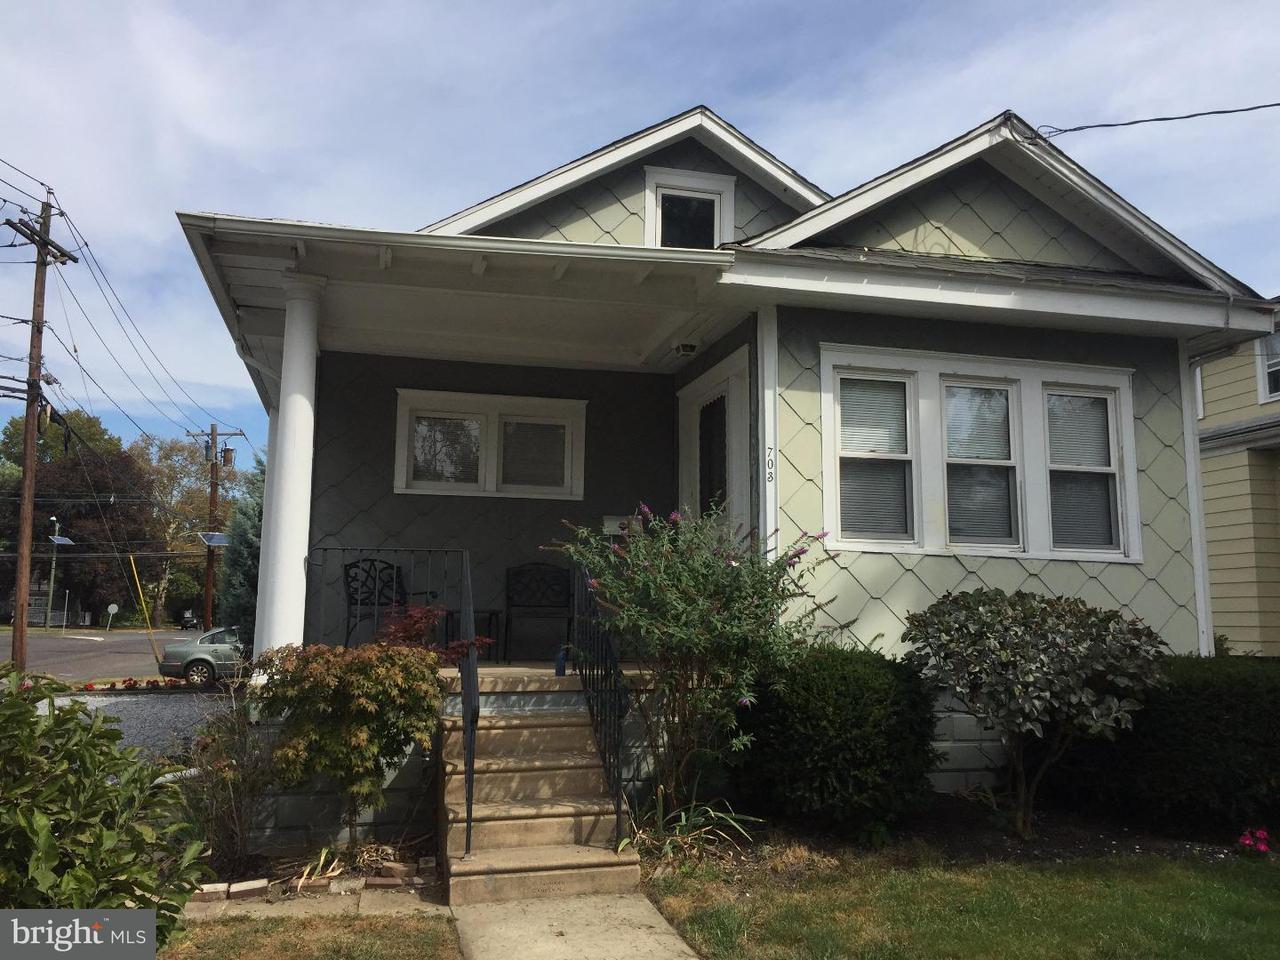 Casa Unifamiliar por un Alquiler en 703 WILLITTS Avenue Audubon, Nueva Jersey 08106 Estados Unidos